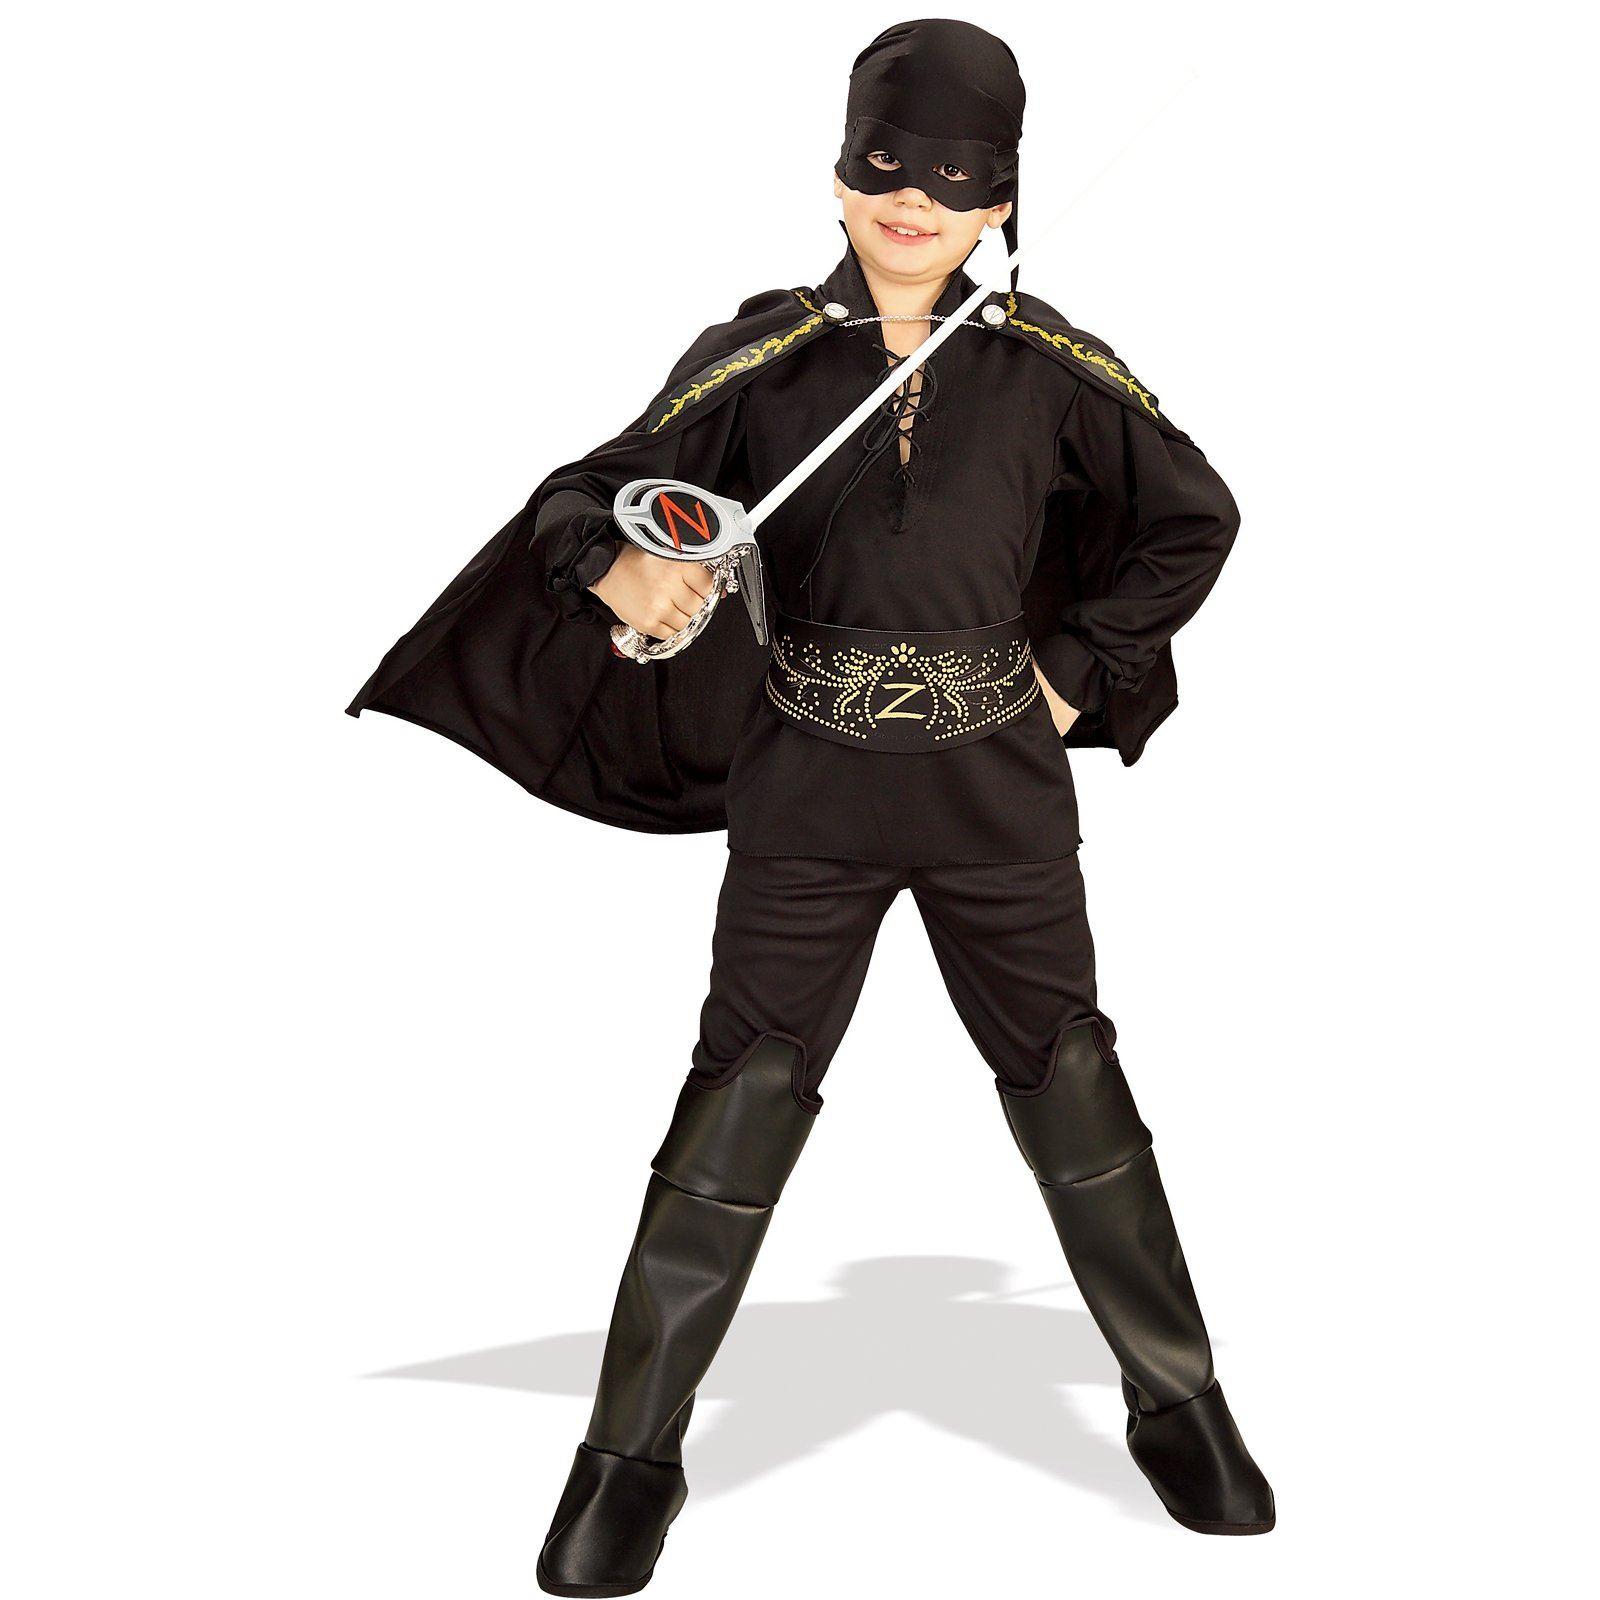 Zorro Costume Ideas